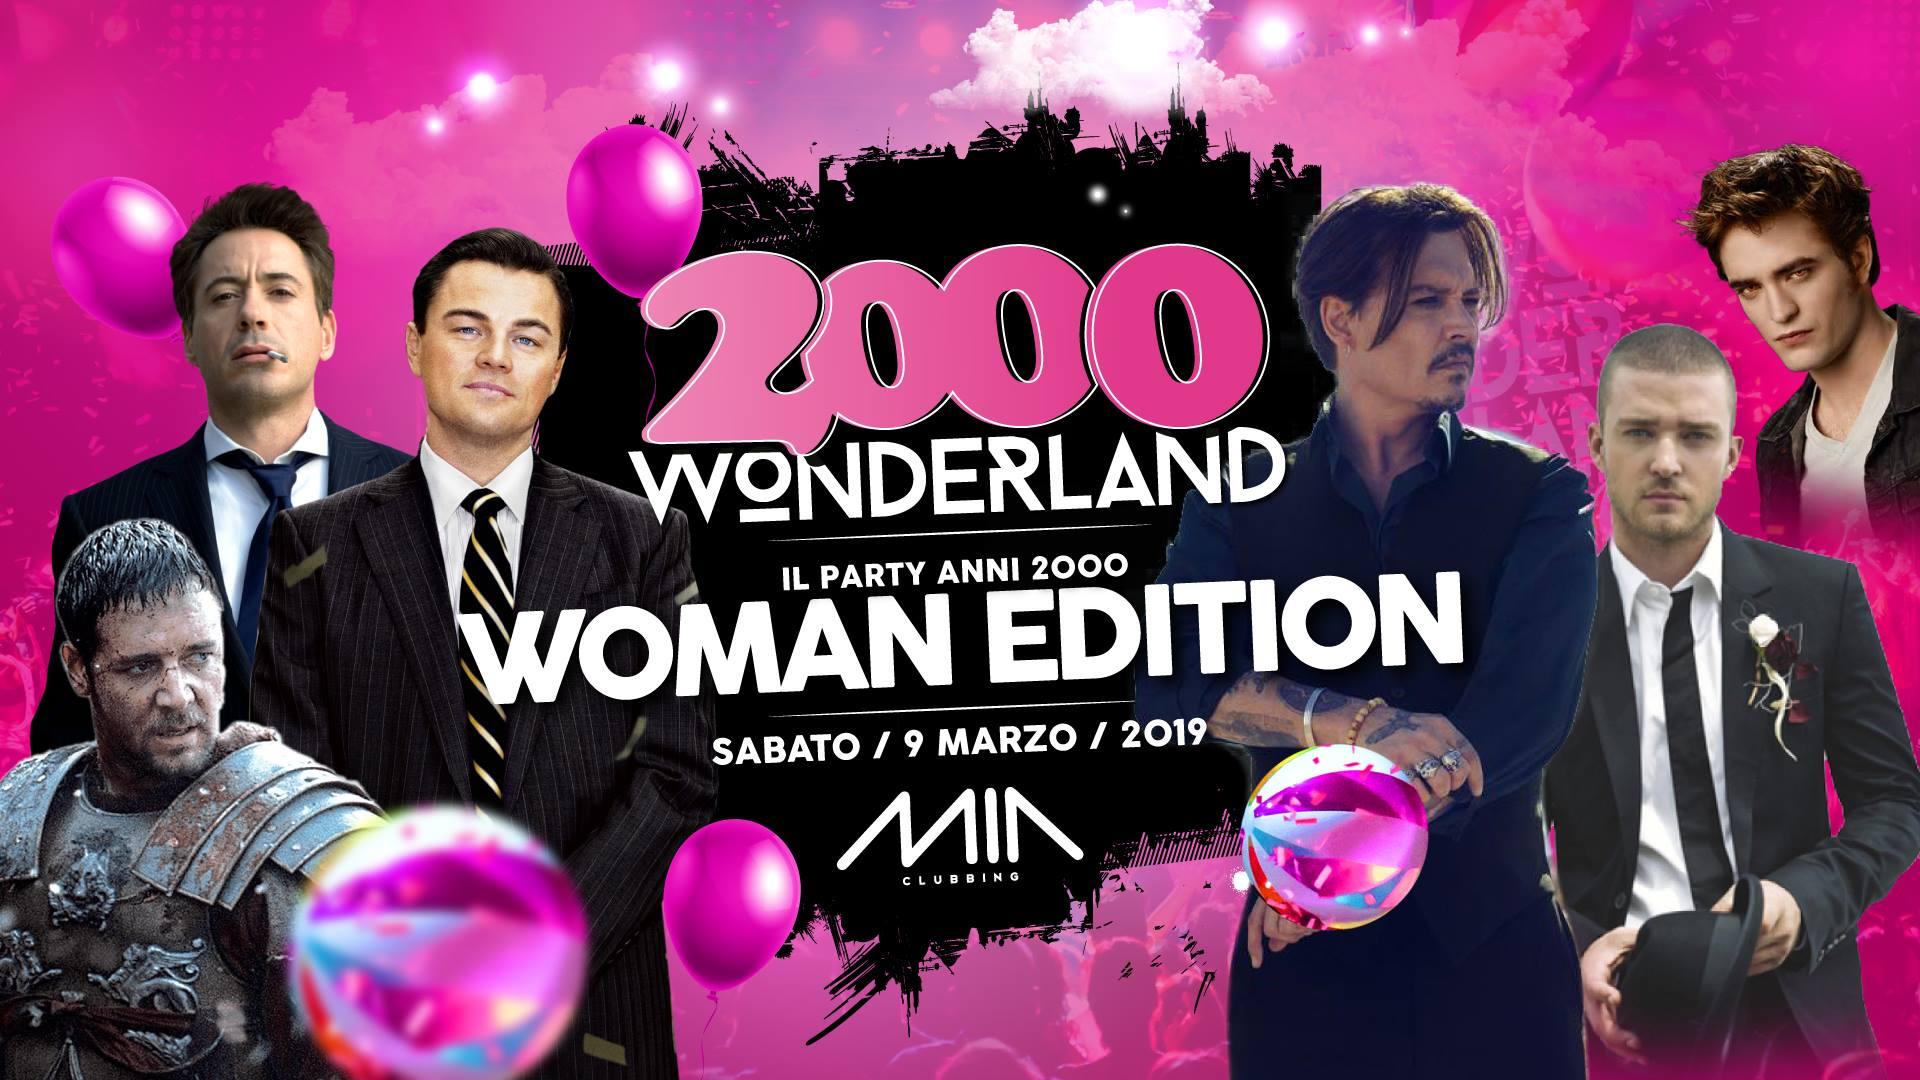 2000 Wonderland Woman Edition Mia Clubbing Porto Recanati